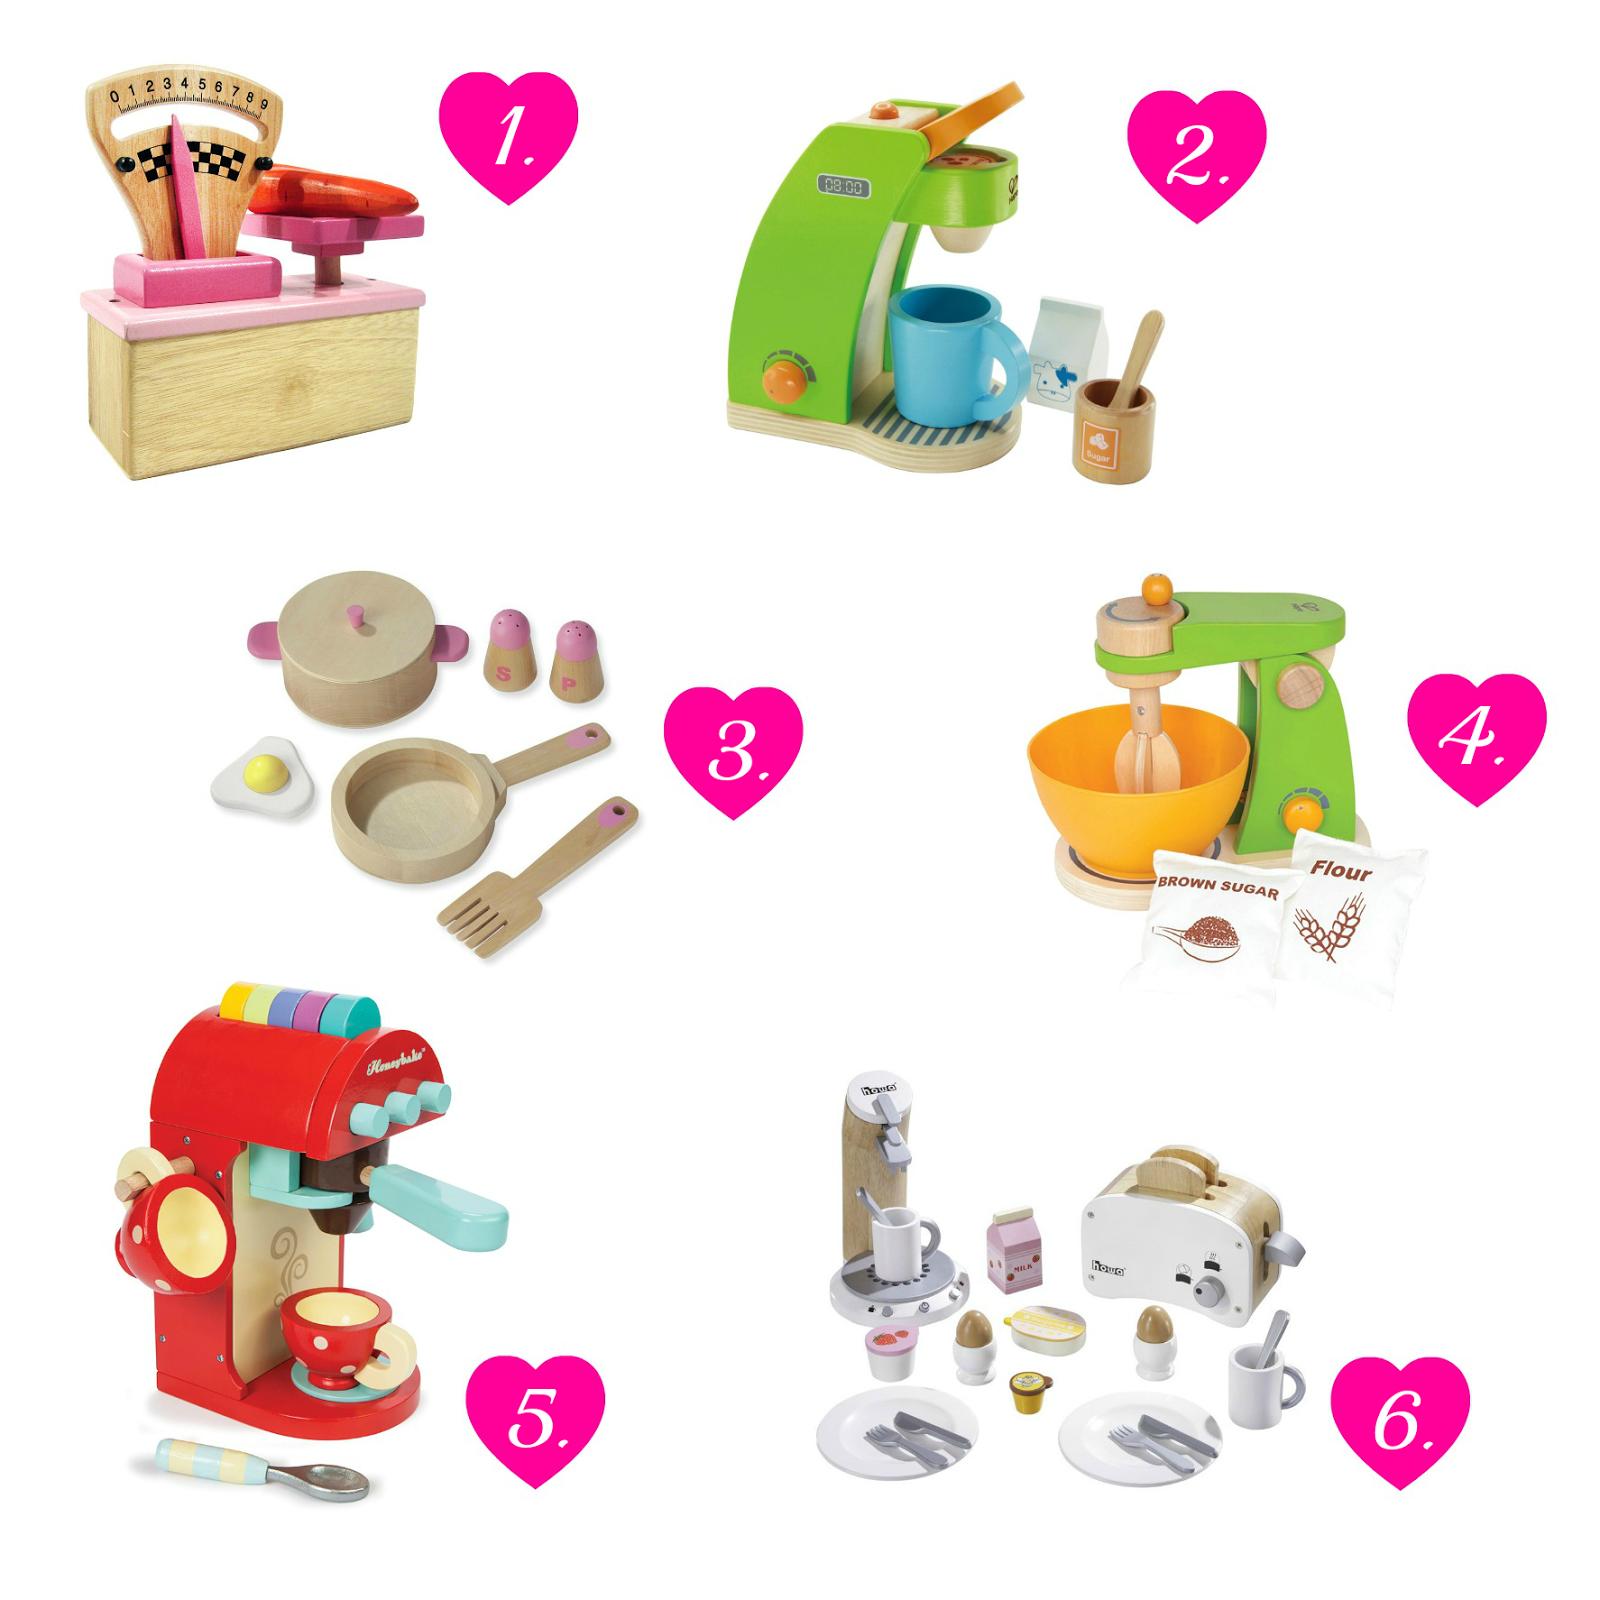 Geschenkideen: Küchenzubehör Für Spielküche. Geschenke Zum Geburtstag Und  Weihnachten Für Kinder.